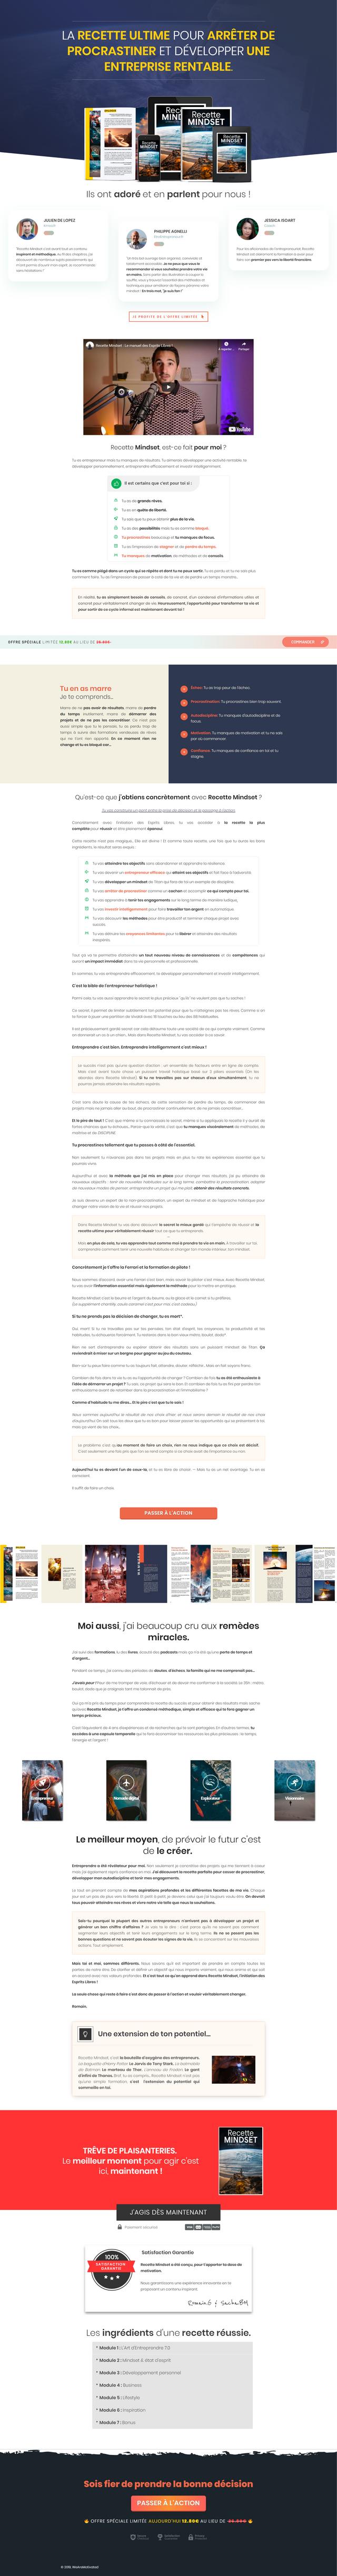 Ebook-Recette-Mindset